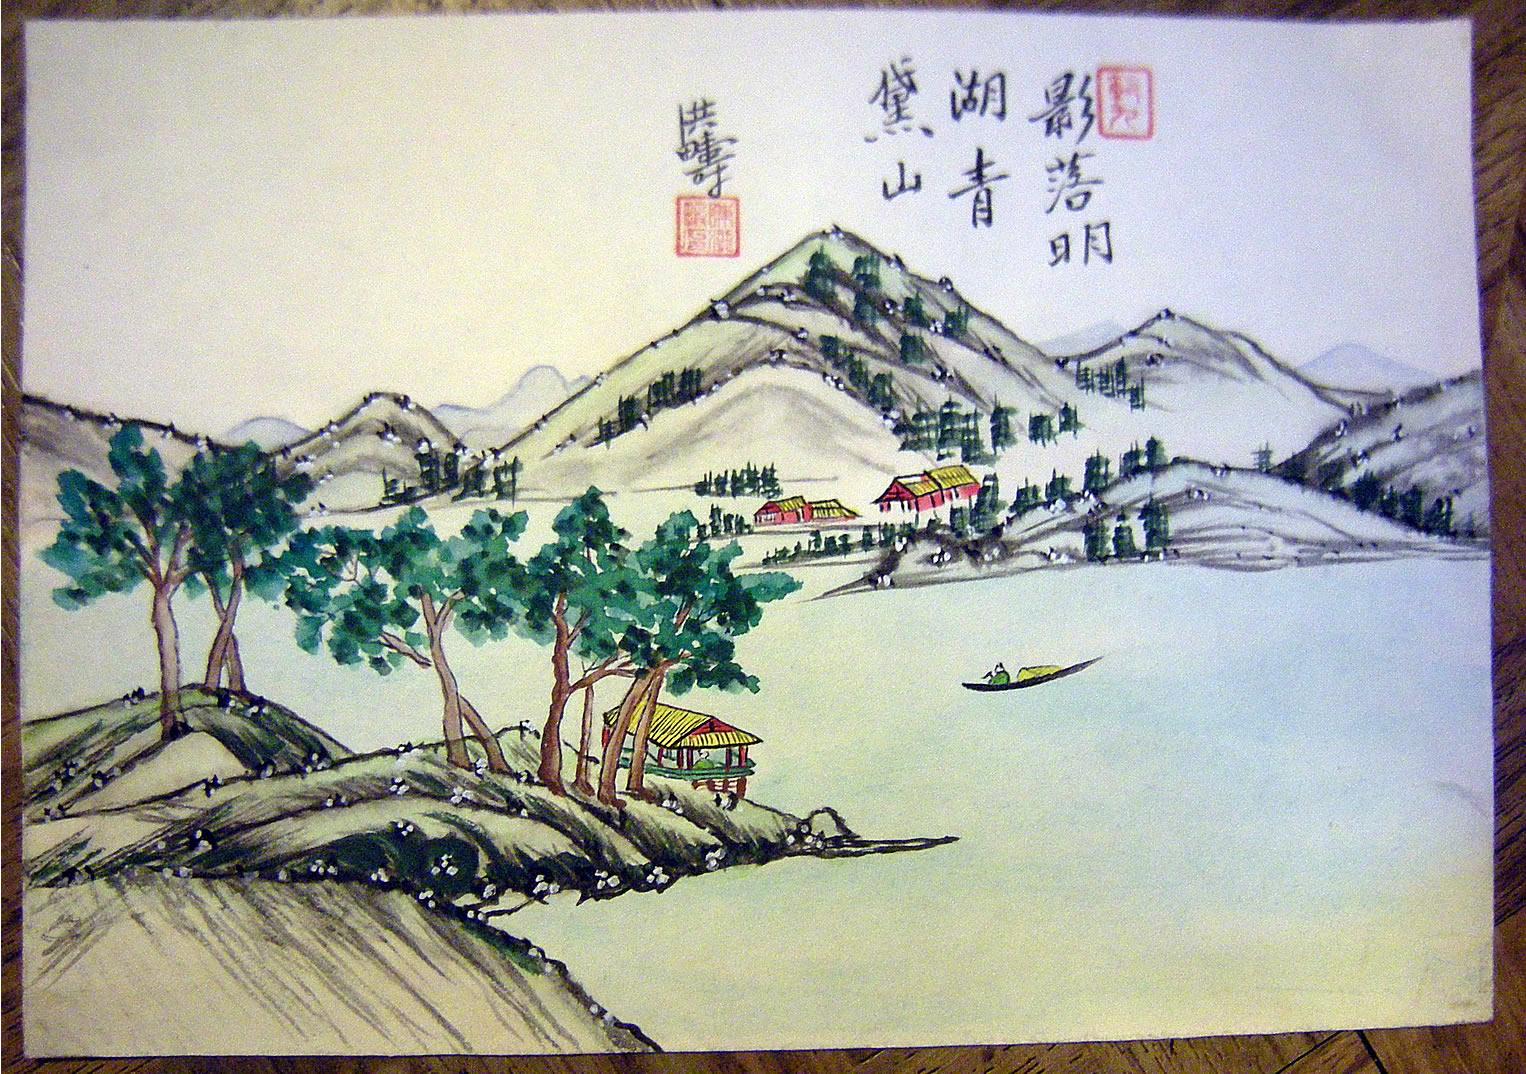 Original Chinese Shan Shui Painting by Chen Hongchou 陳 洪疇 山水